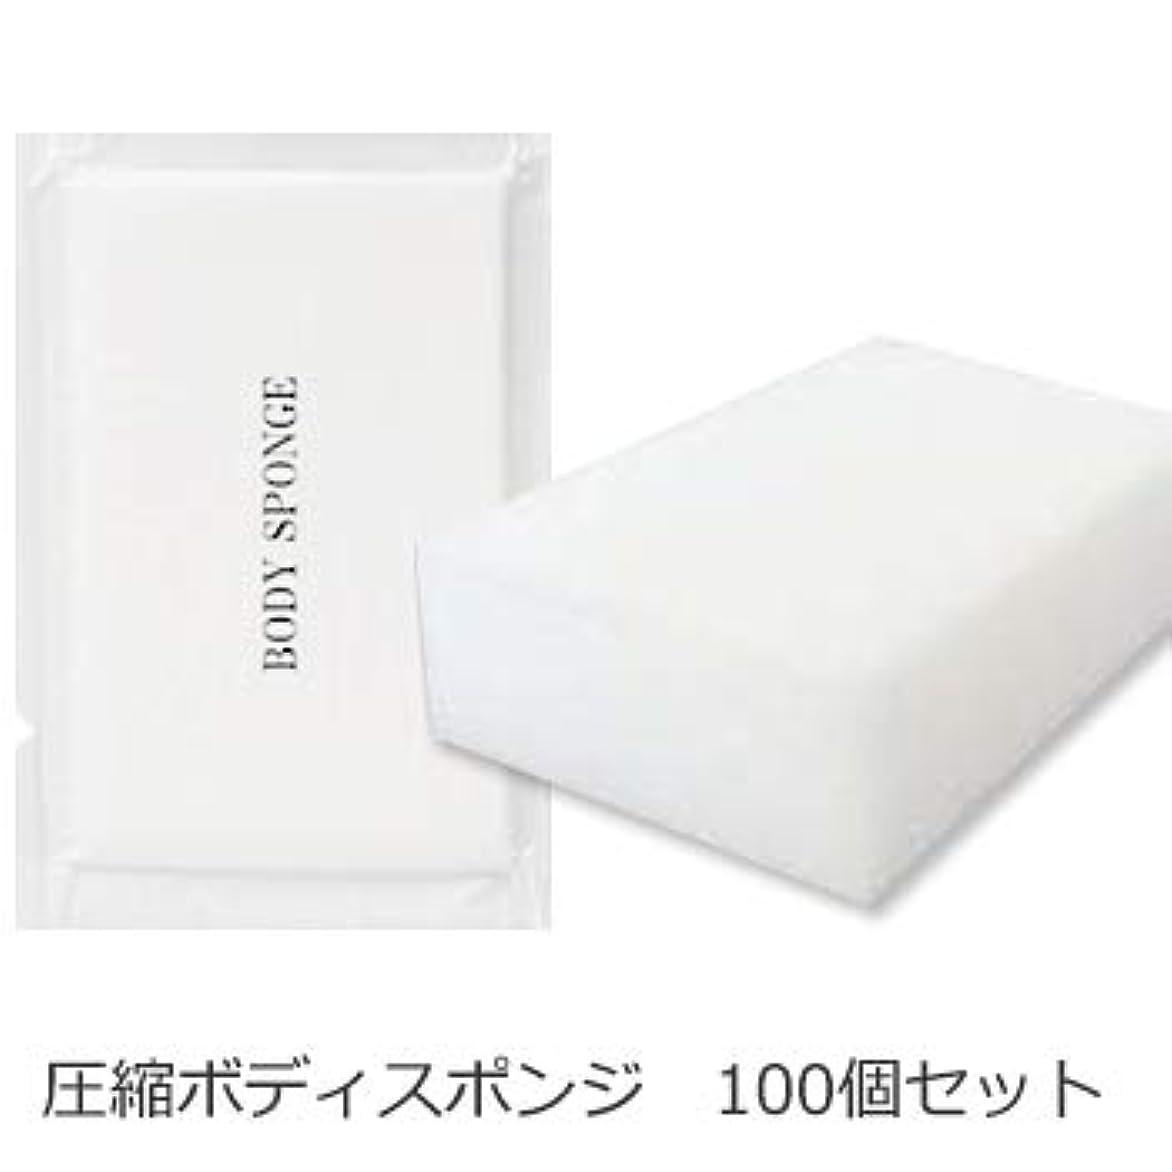 フィッティング位置づける国民投票ボディスポンジ 海綿タイプ 厚み 30mm (1セット100個入)1個当たり14円税別